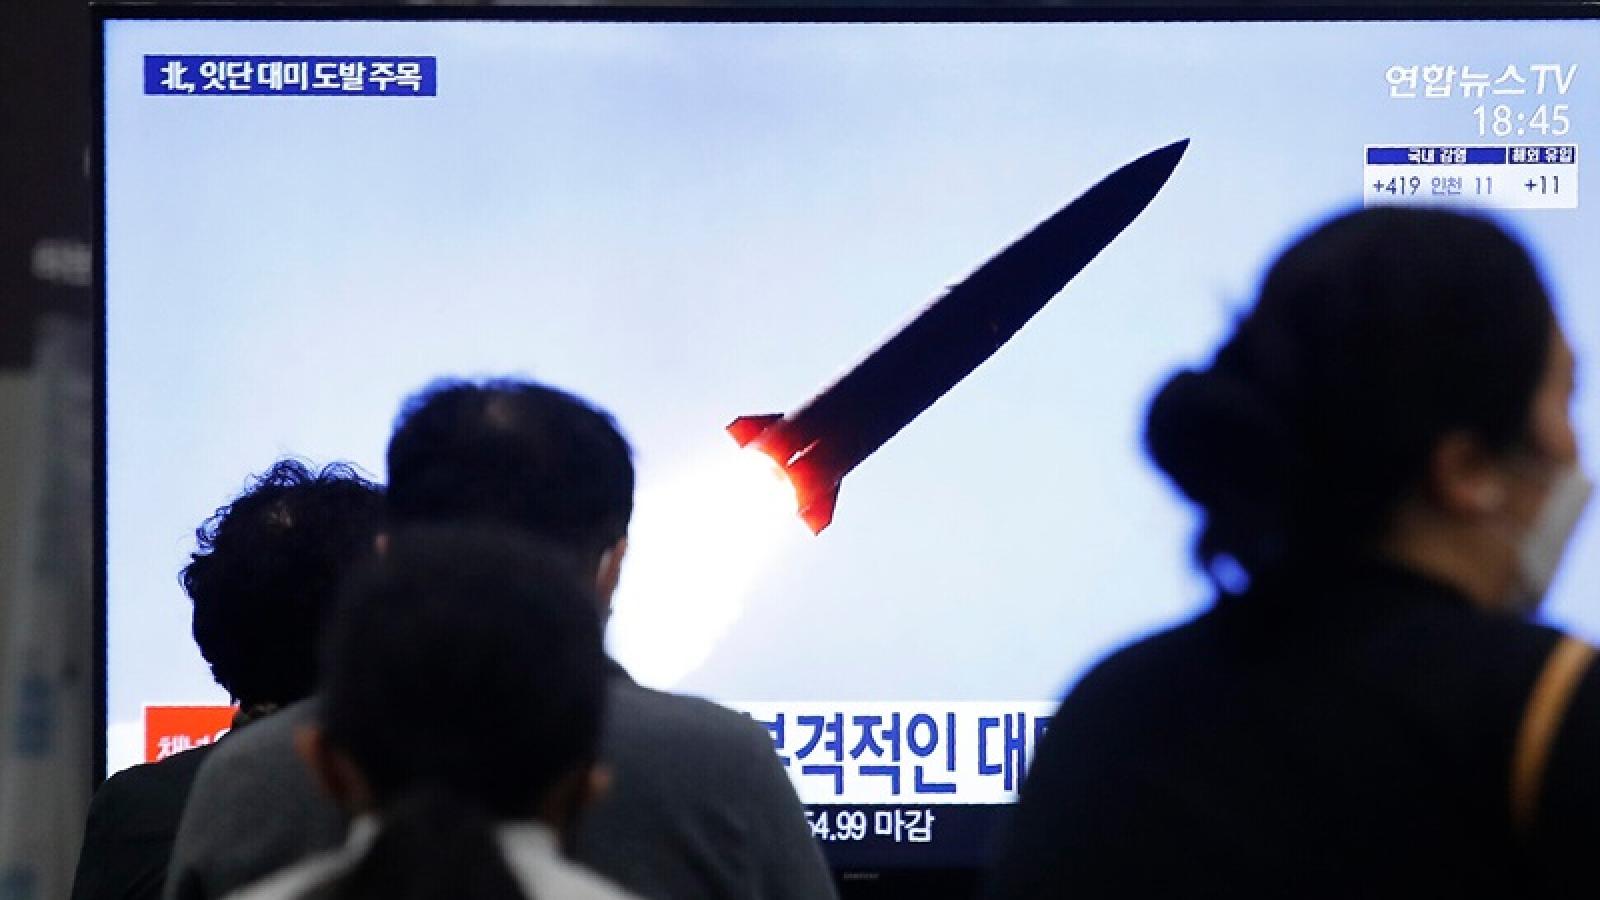 Triều Tiên đáp lại chỉ trích của Mỹ sau vụ phóng tên lửa